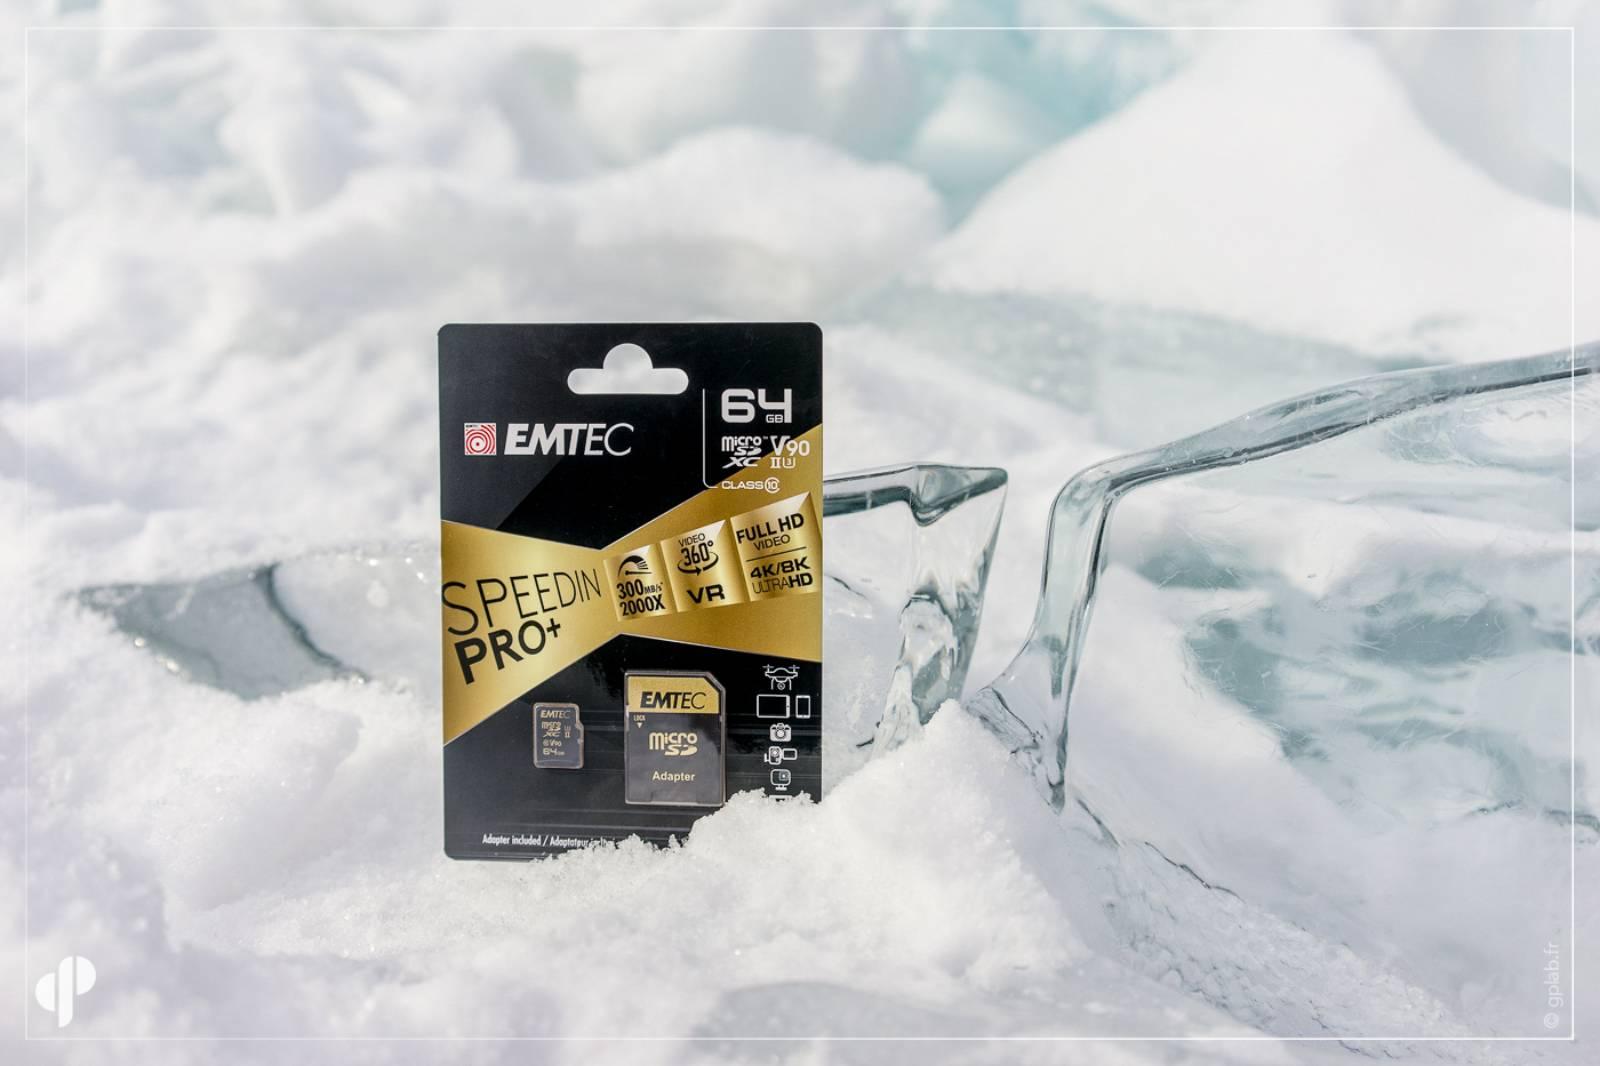 carte SD Emtec sur la glace du lac baikal